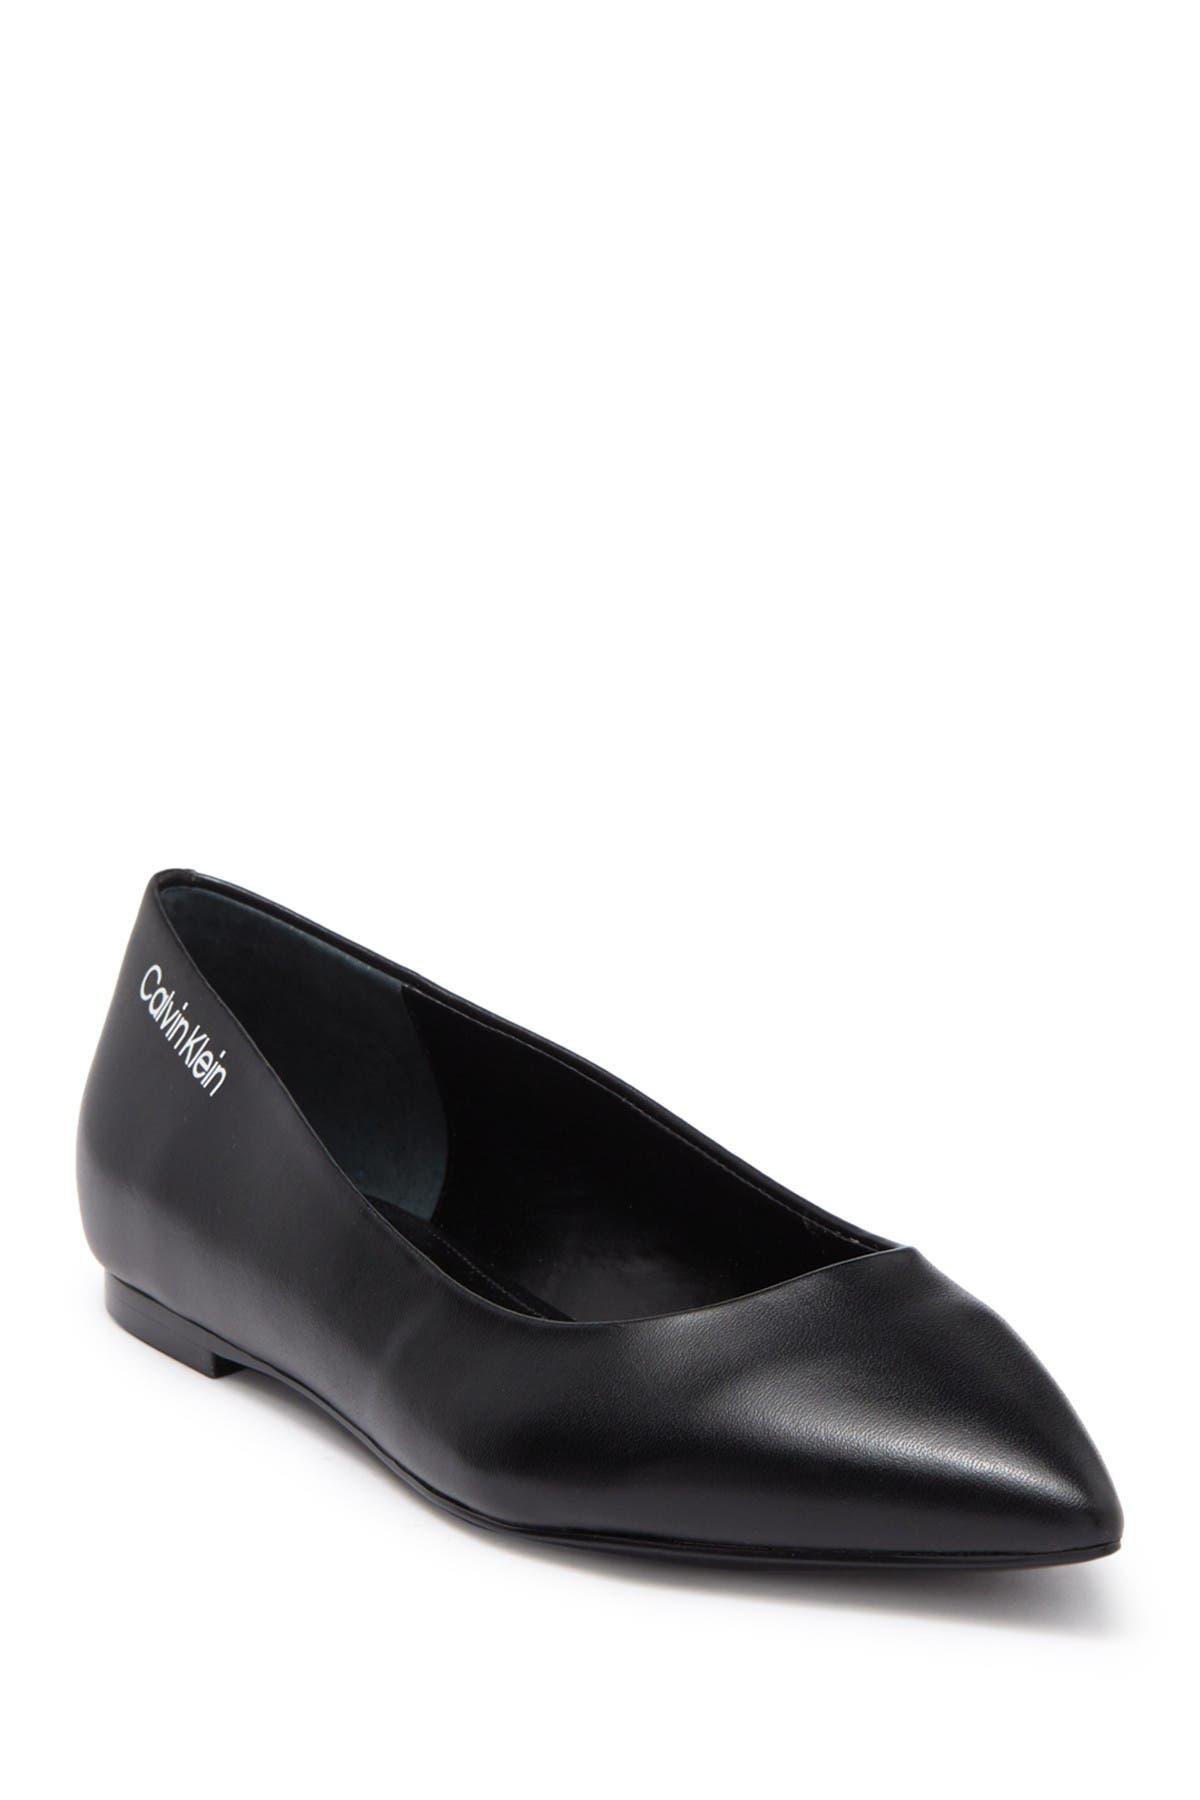 Image of Calvin Klein Aliyah Pointed Toe Flat